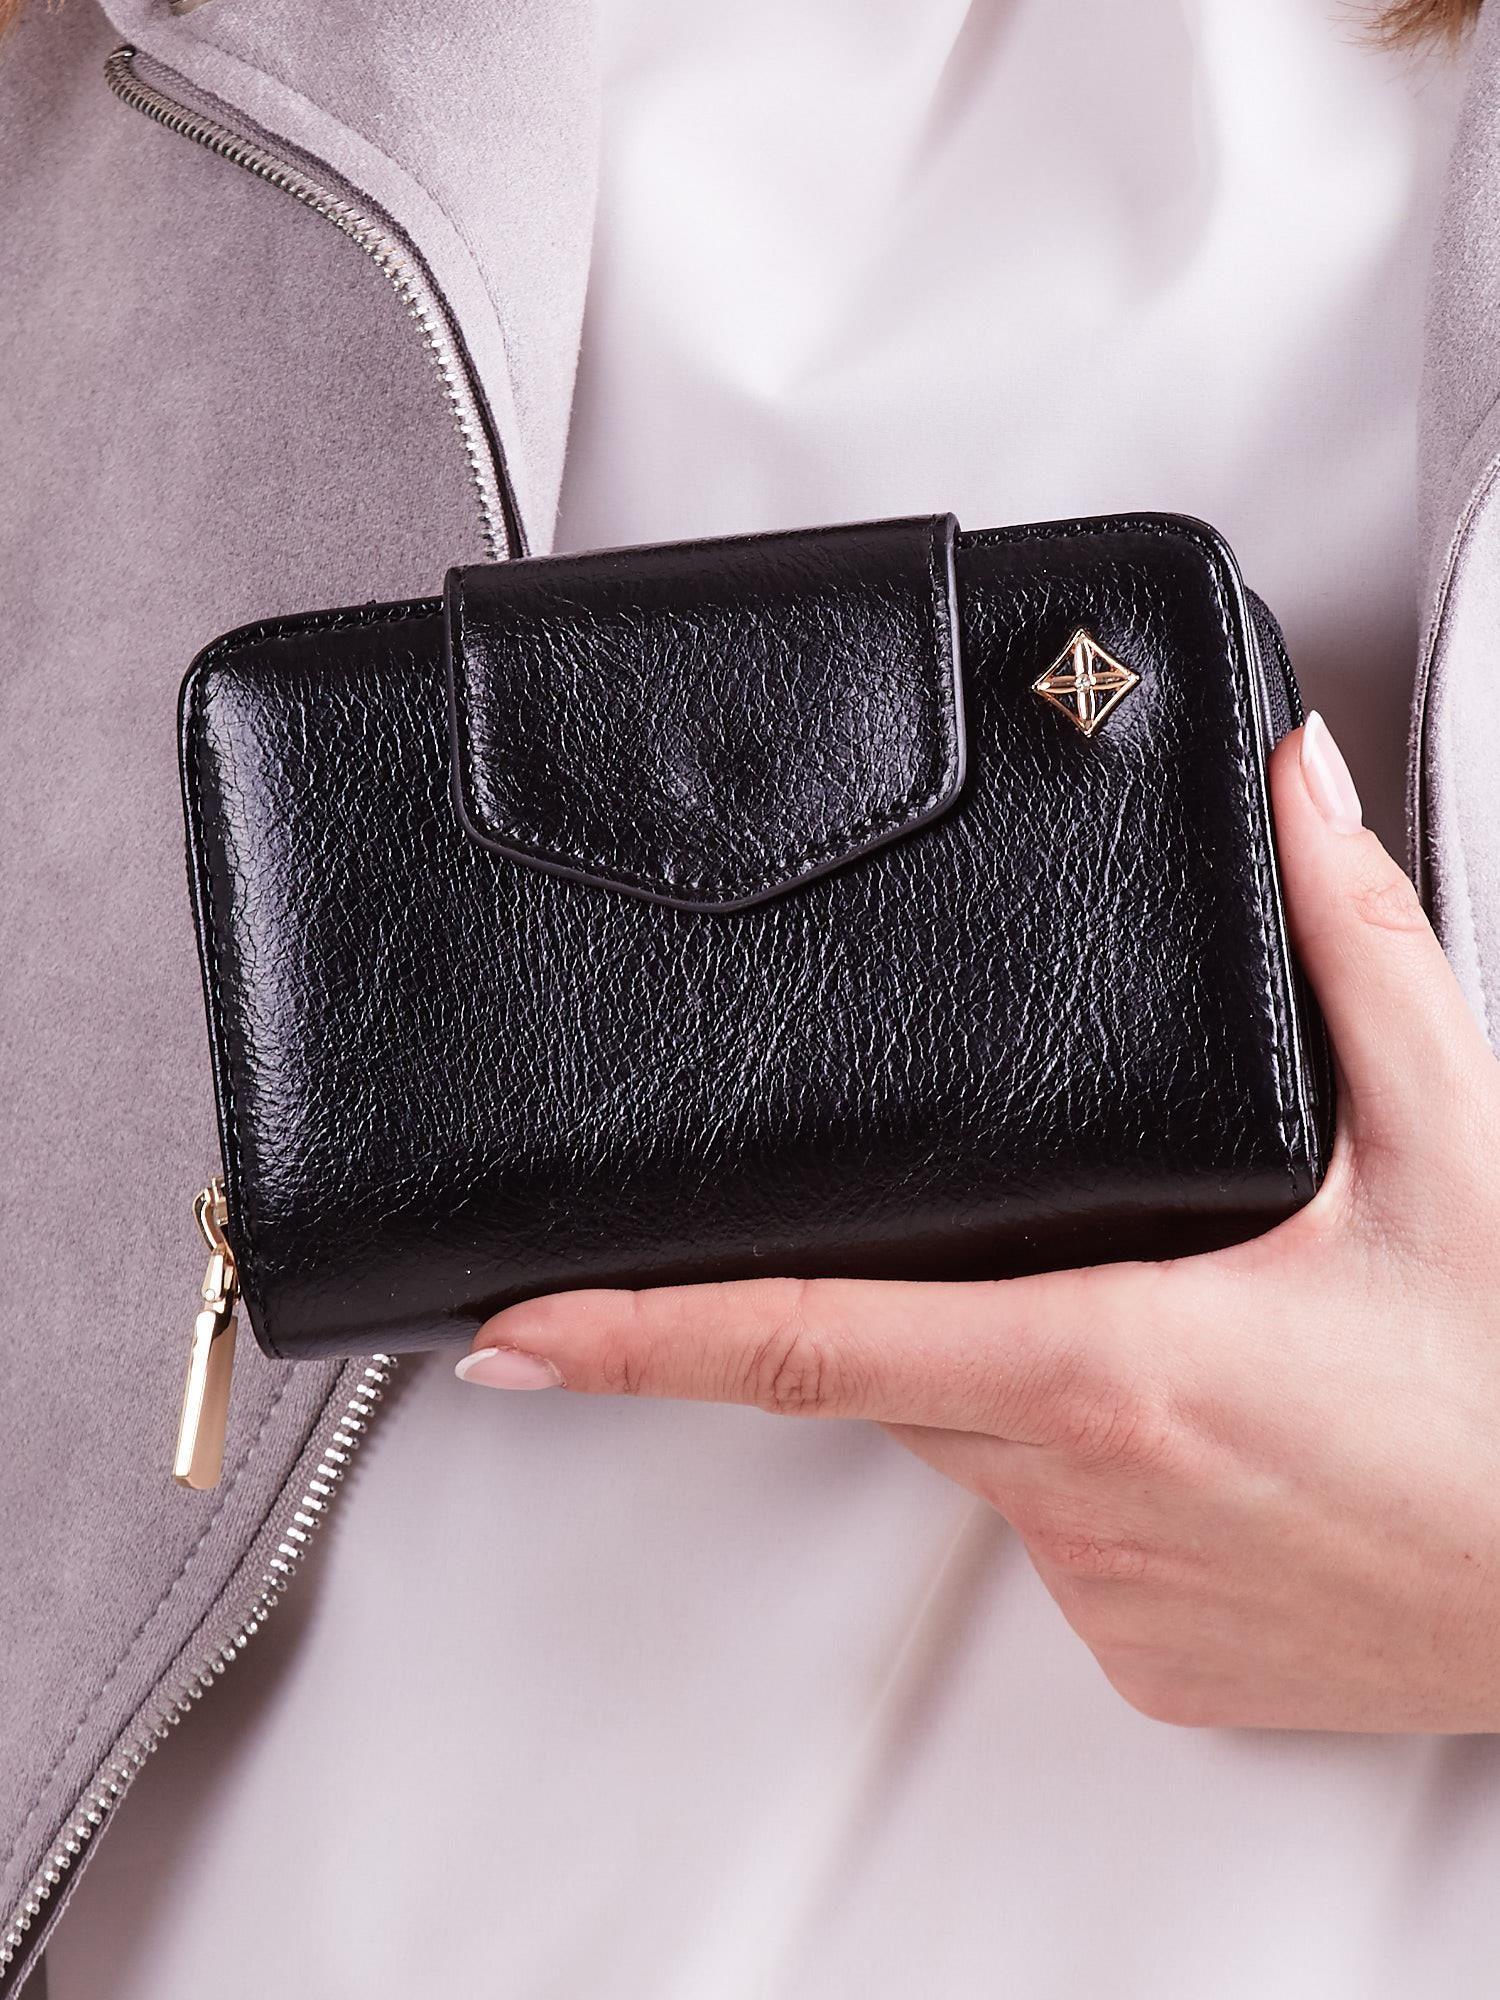 c0ecda40837c1 Czarny portfel damski ze skóry ekologicznej - Akcesoria portfele - sklep  eButik.pl